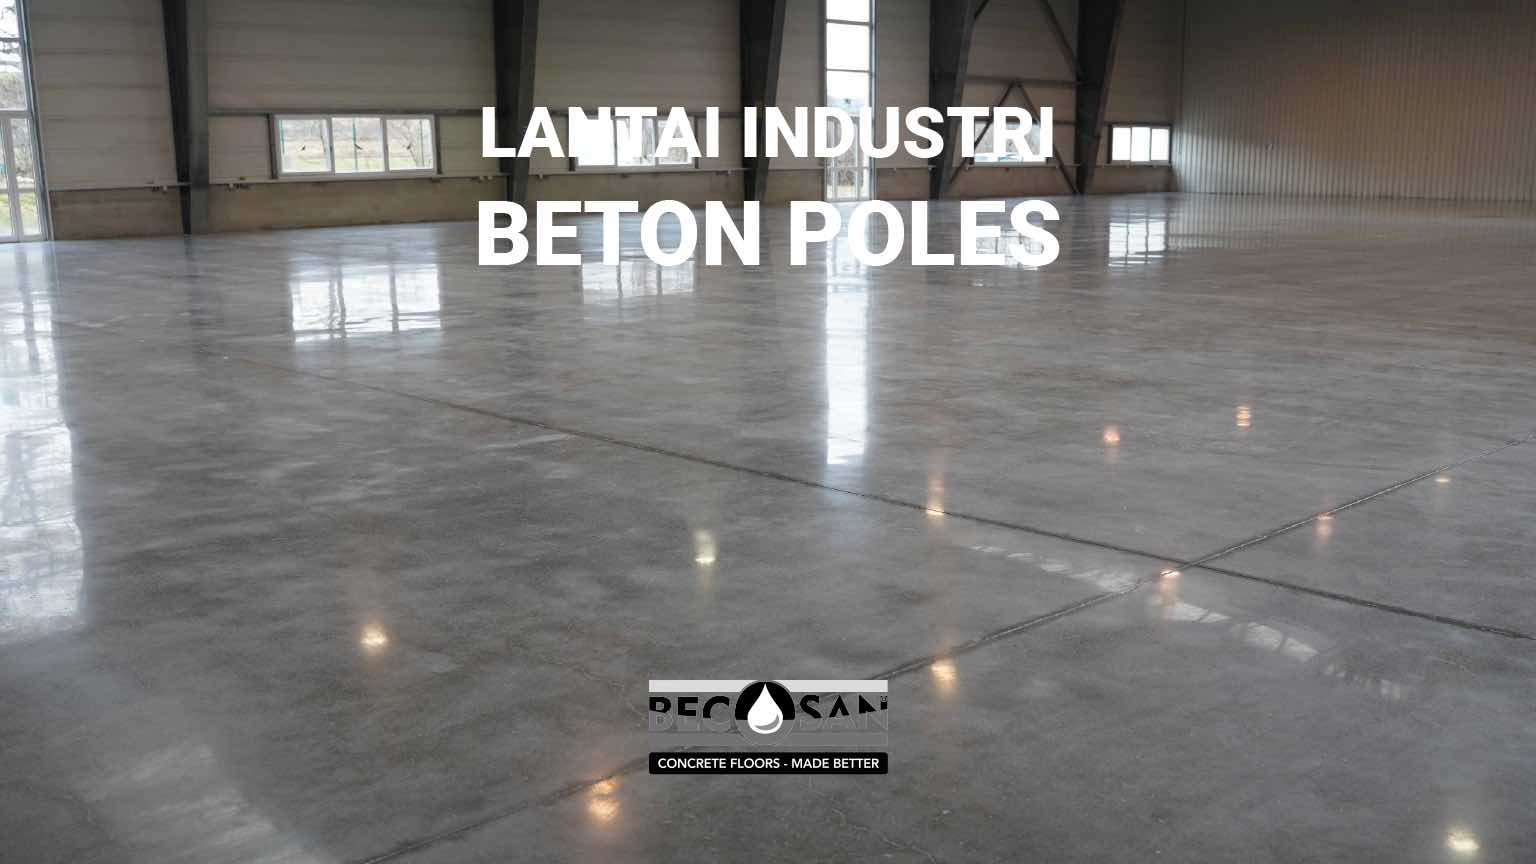 Beton poles lantai industri